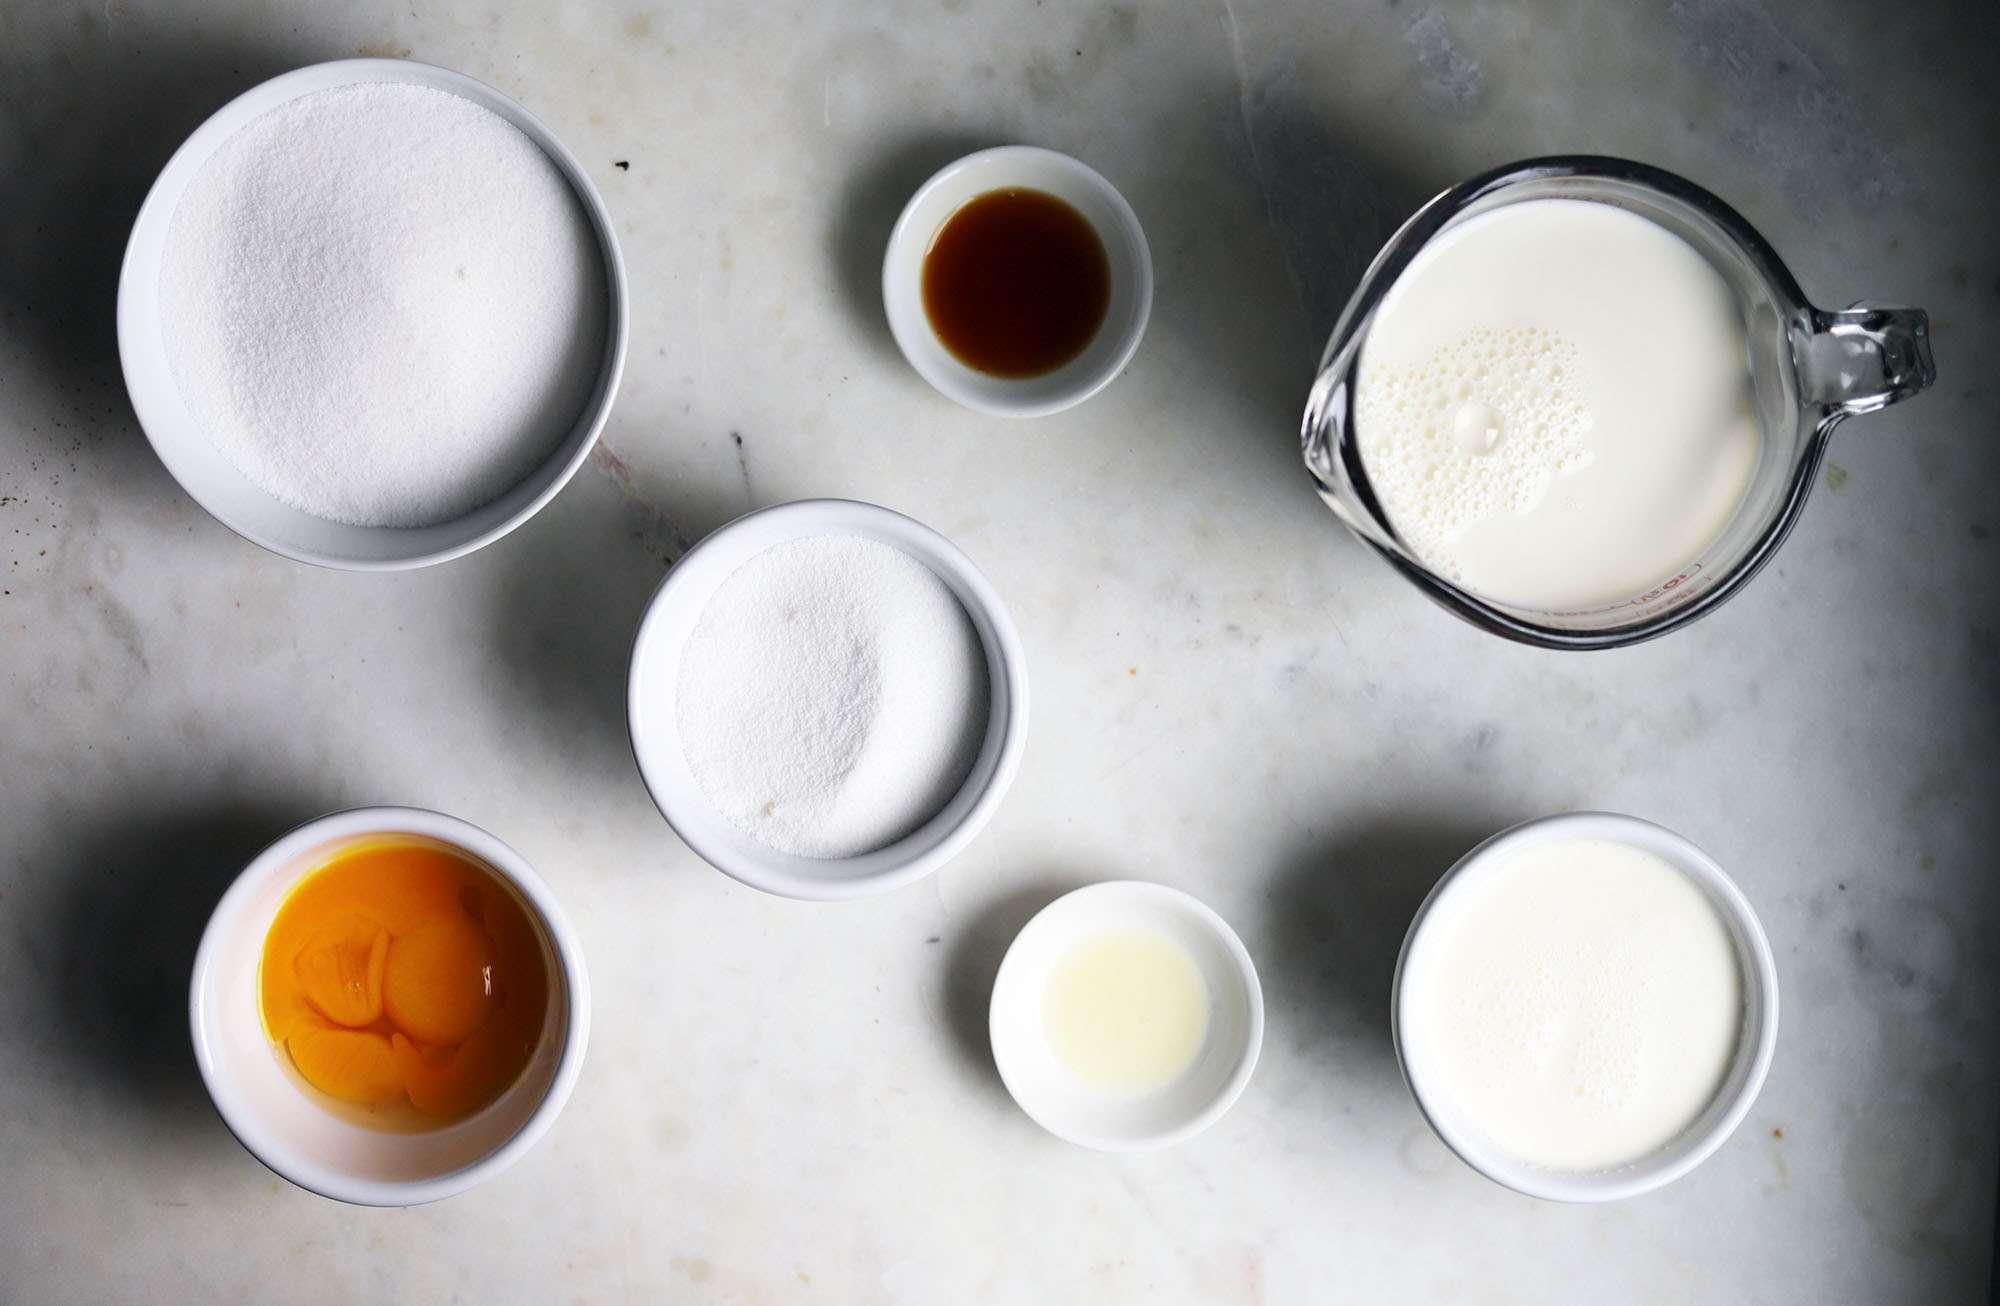 creme caramel ingredients